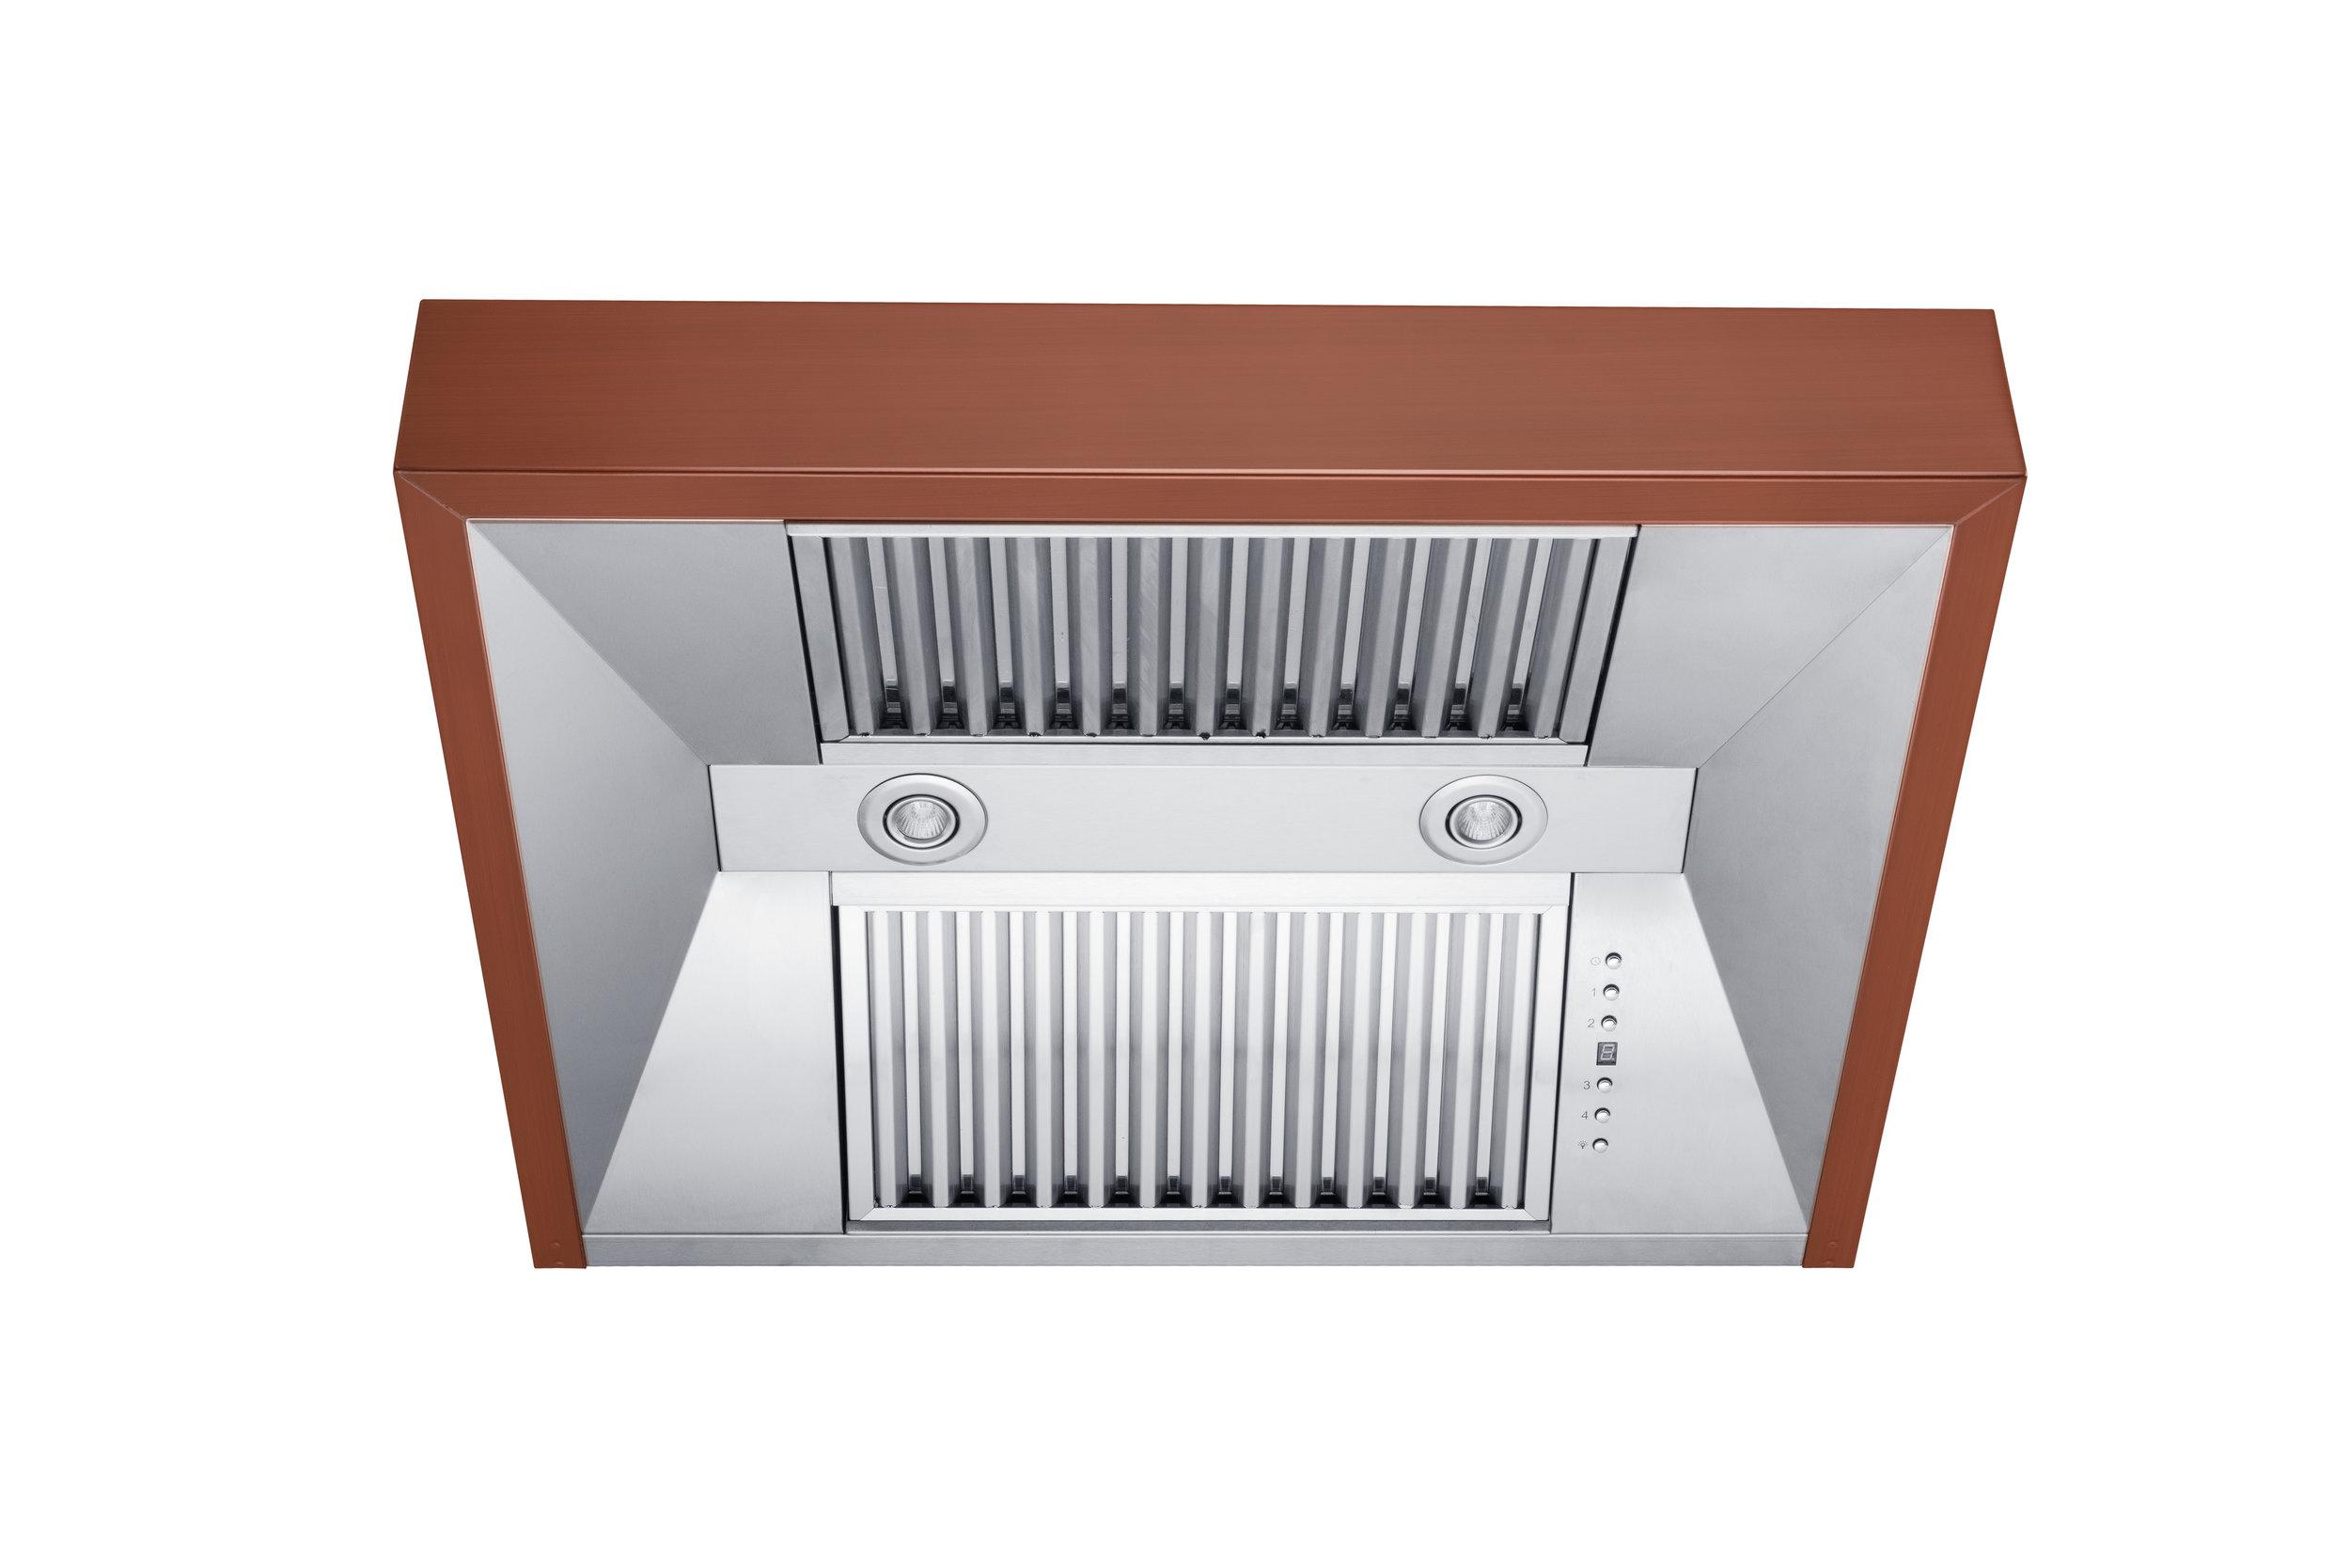 zline-copper-under-cabinet-range-hood-8685C-underneath.jpg